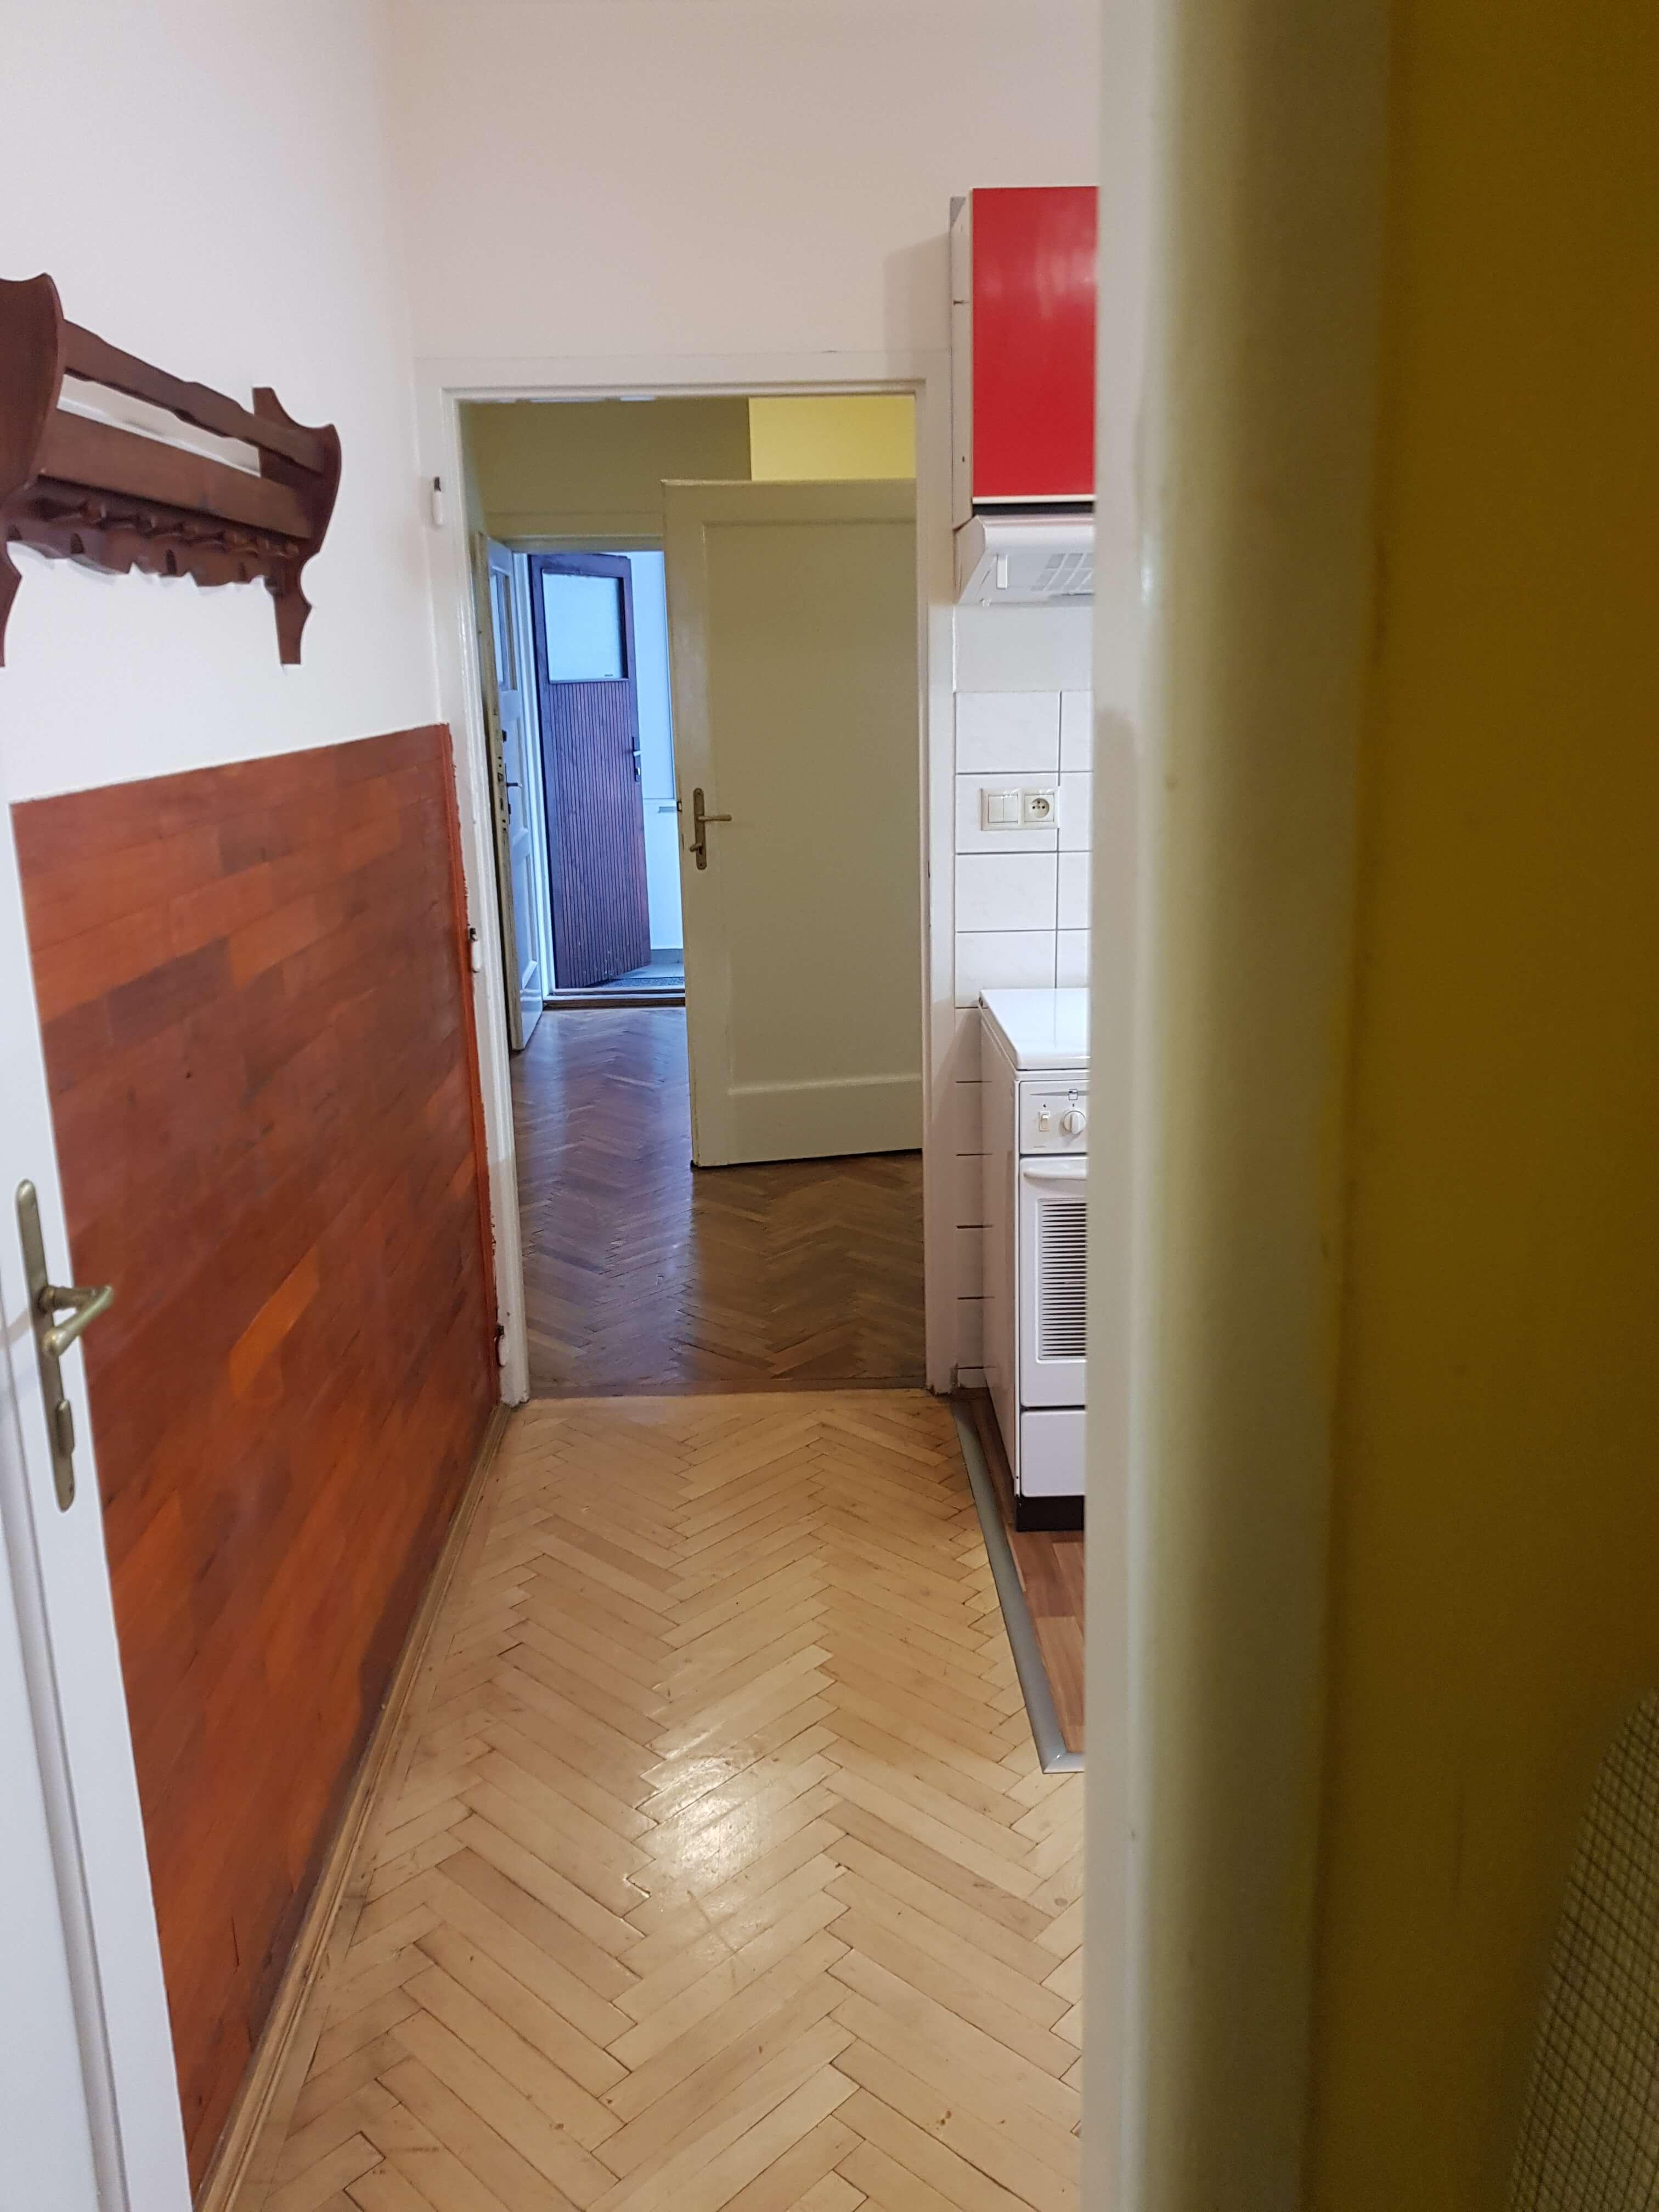 Prenájom jednej izby v 2 izb. byte, staré mesto, Šancová ulica, Bratislava, 80m2, zariadený-37